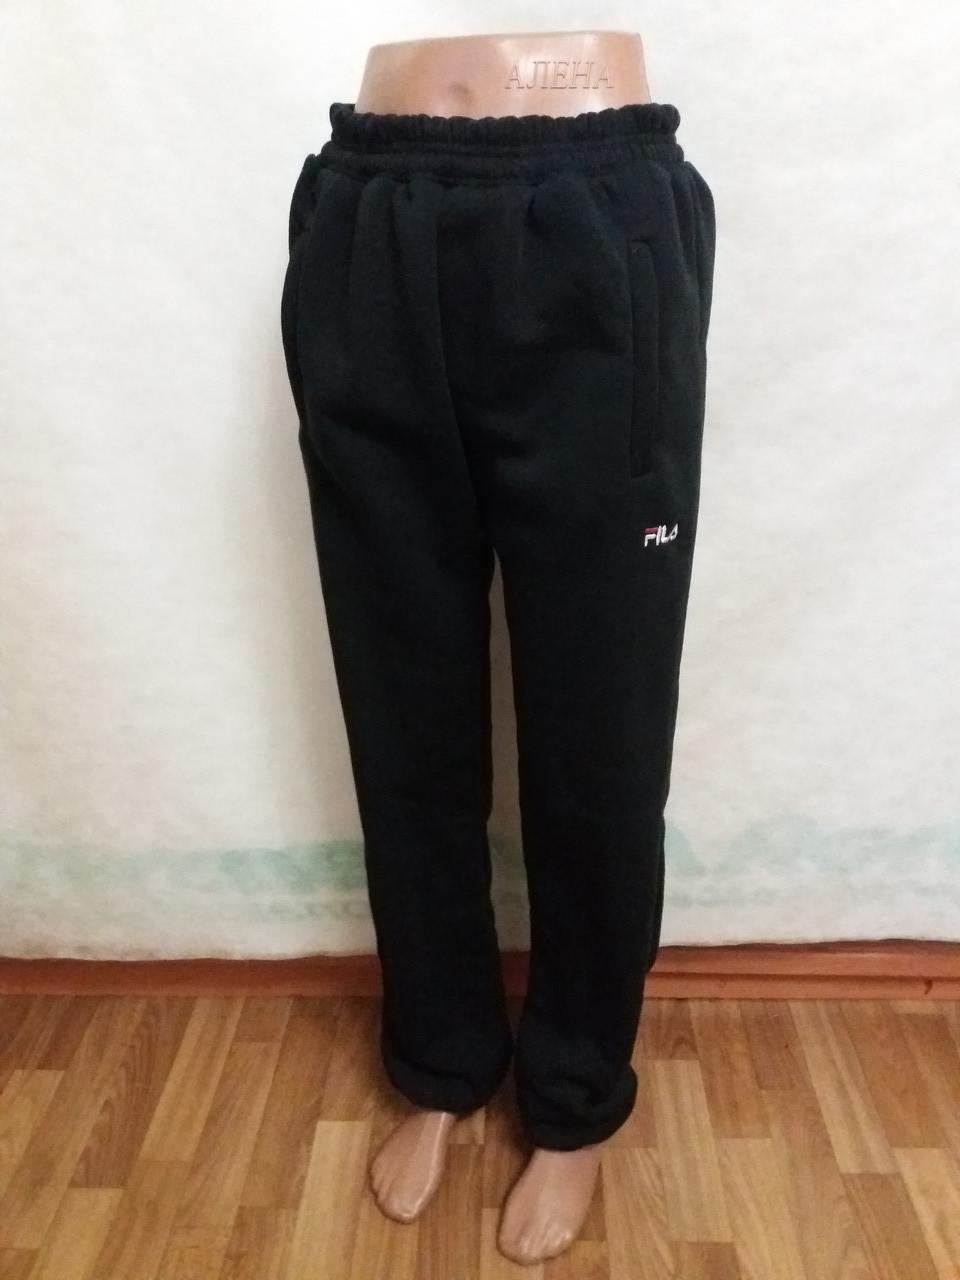 Спортивные штаны мужские теплые трехнитка на манжете р-р 52,54,56,58.От 4шт по 139грн